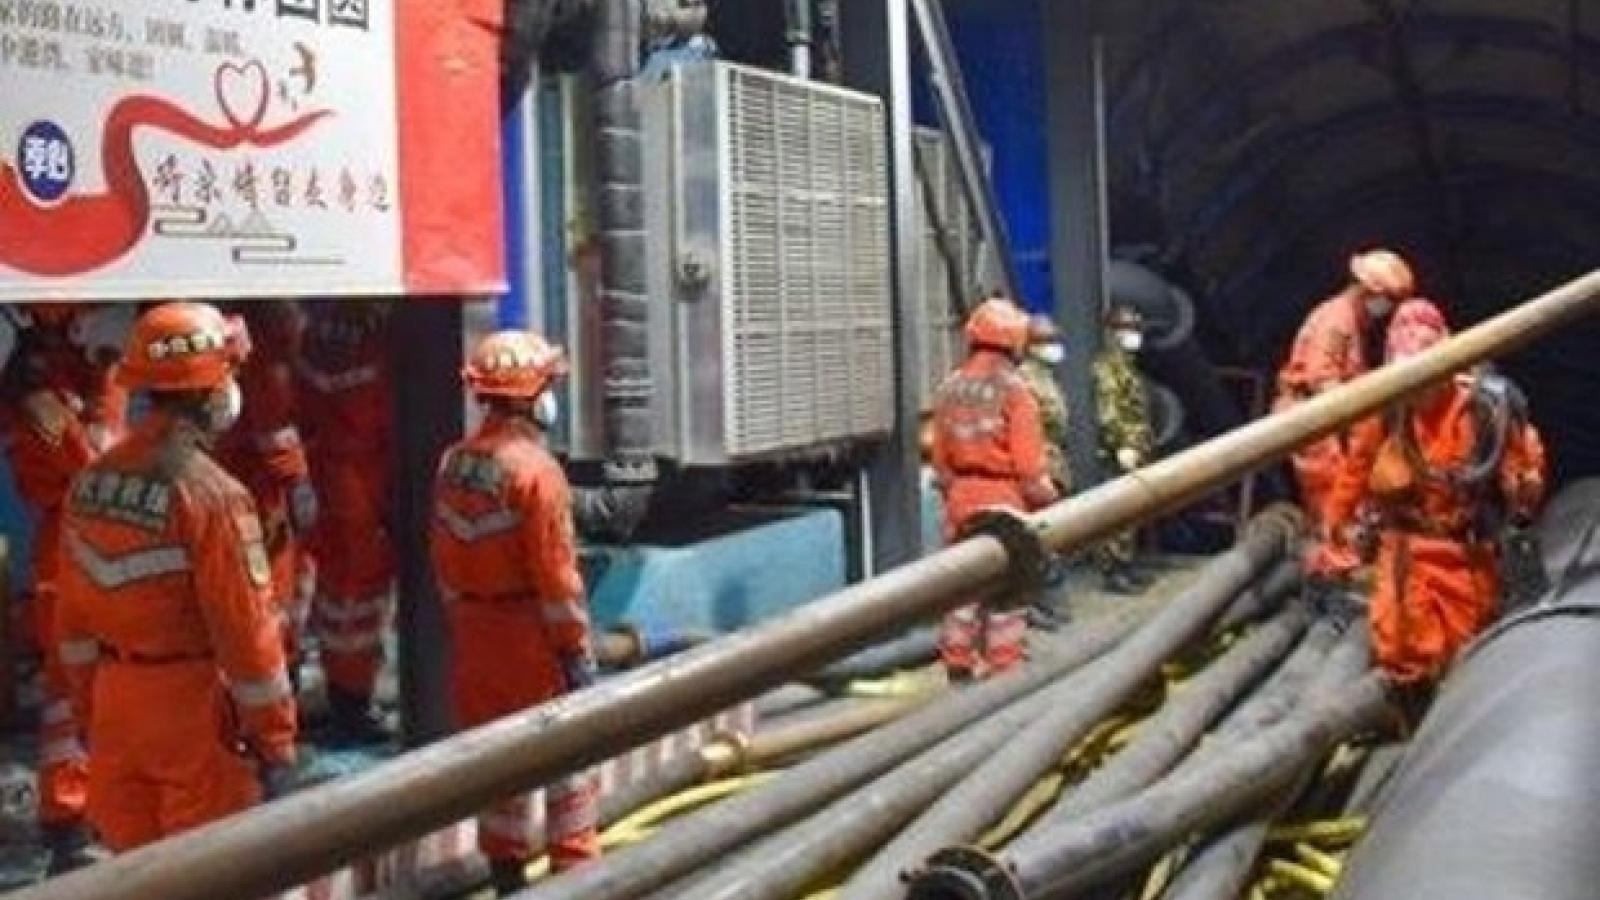 Trung Quốc chạy đua với thời gian giải cứu gần 20 thợ mỏ mắc kẹt